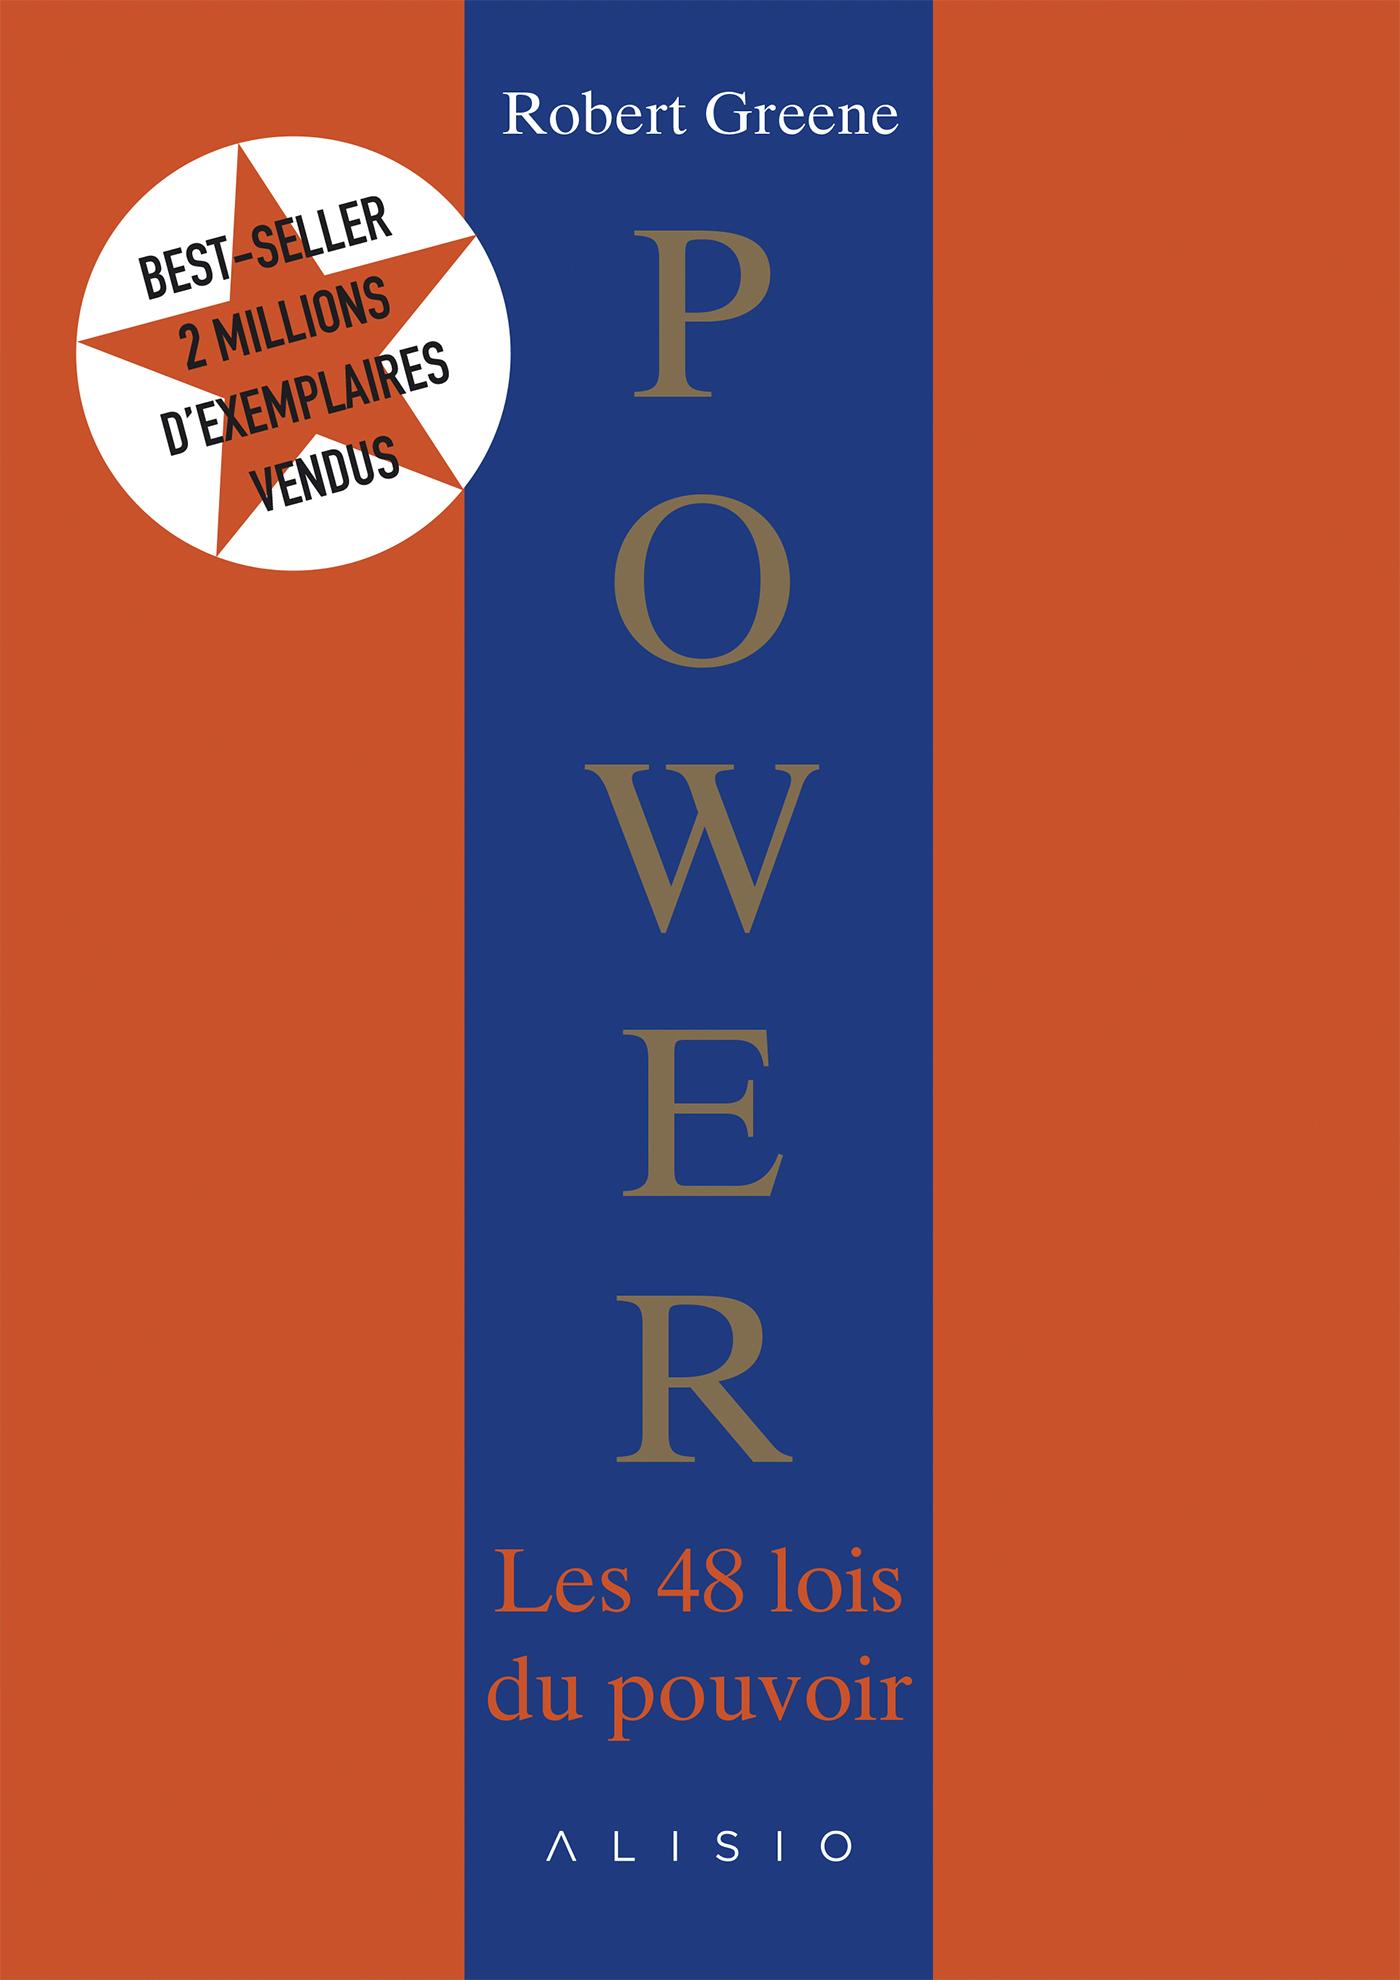 Power Les 48 Lois Du Pouvoir Pdf : power, pouvoir, Power,, Pouvoir, Pouvoir…, Désire,, Craint,, Protège…, Robert, Greene, (EAN13, 9791092928075), éditions, Leduc, Vente